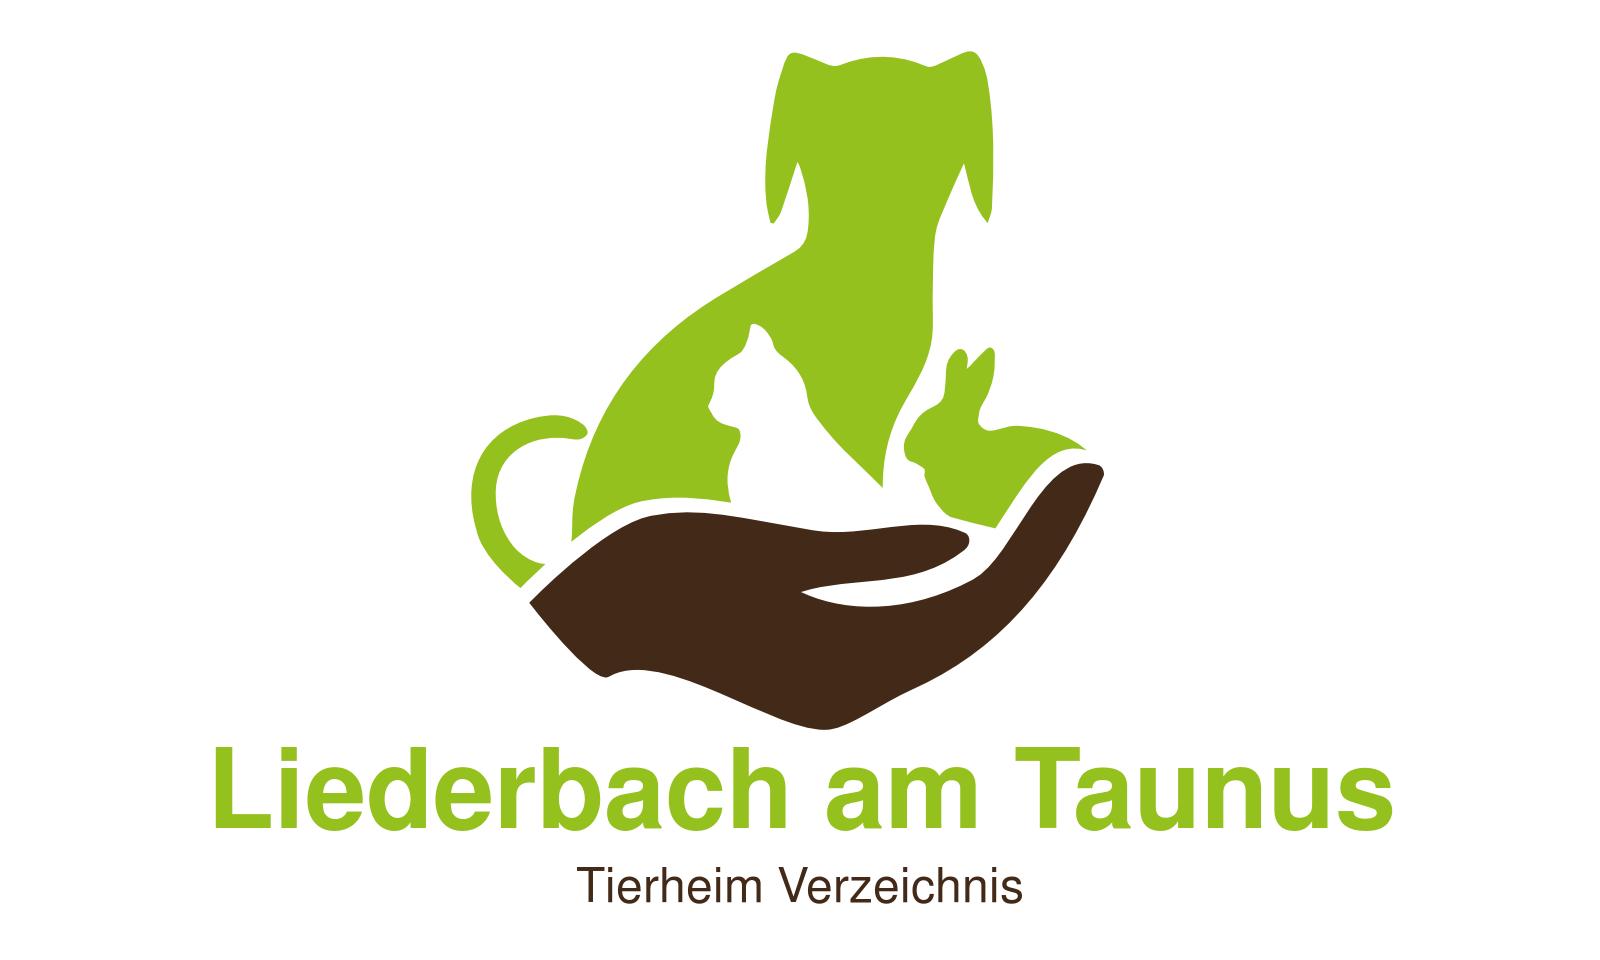 Tierheim Liederbach am Taunus